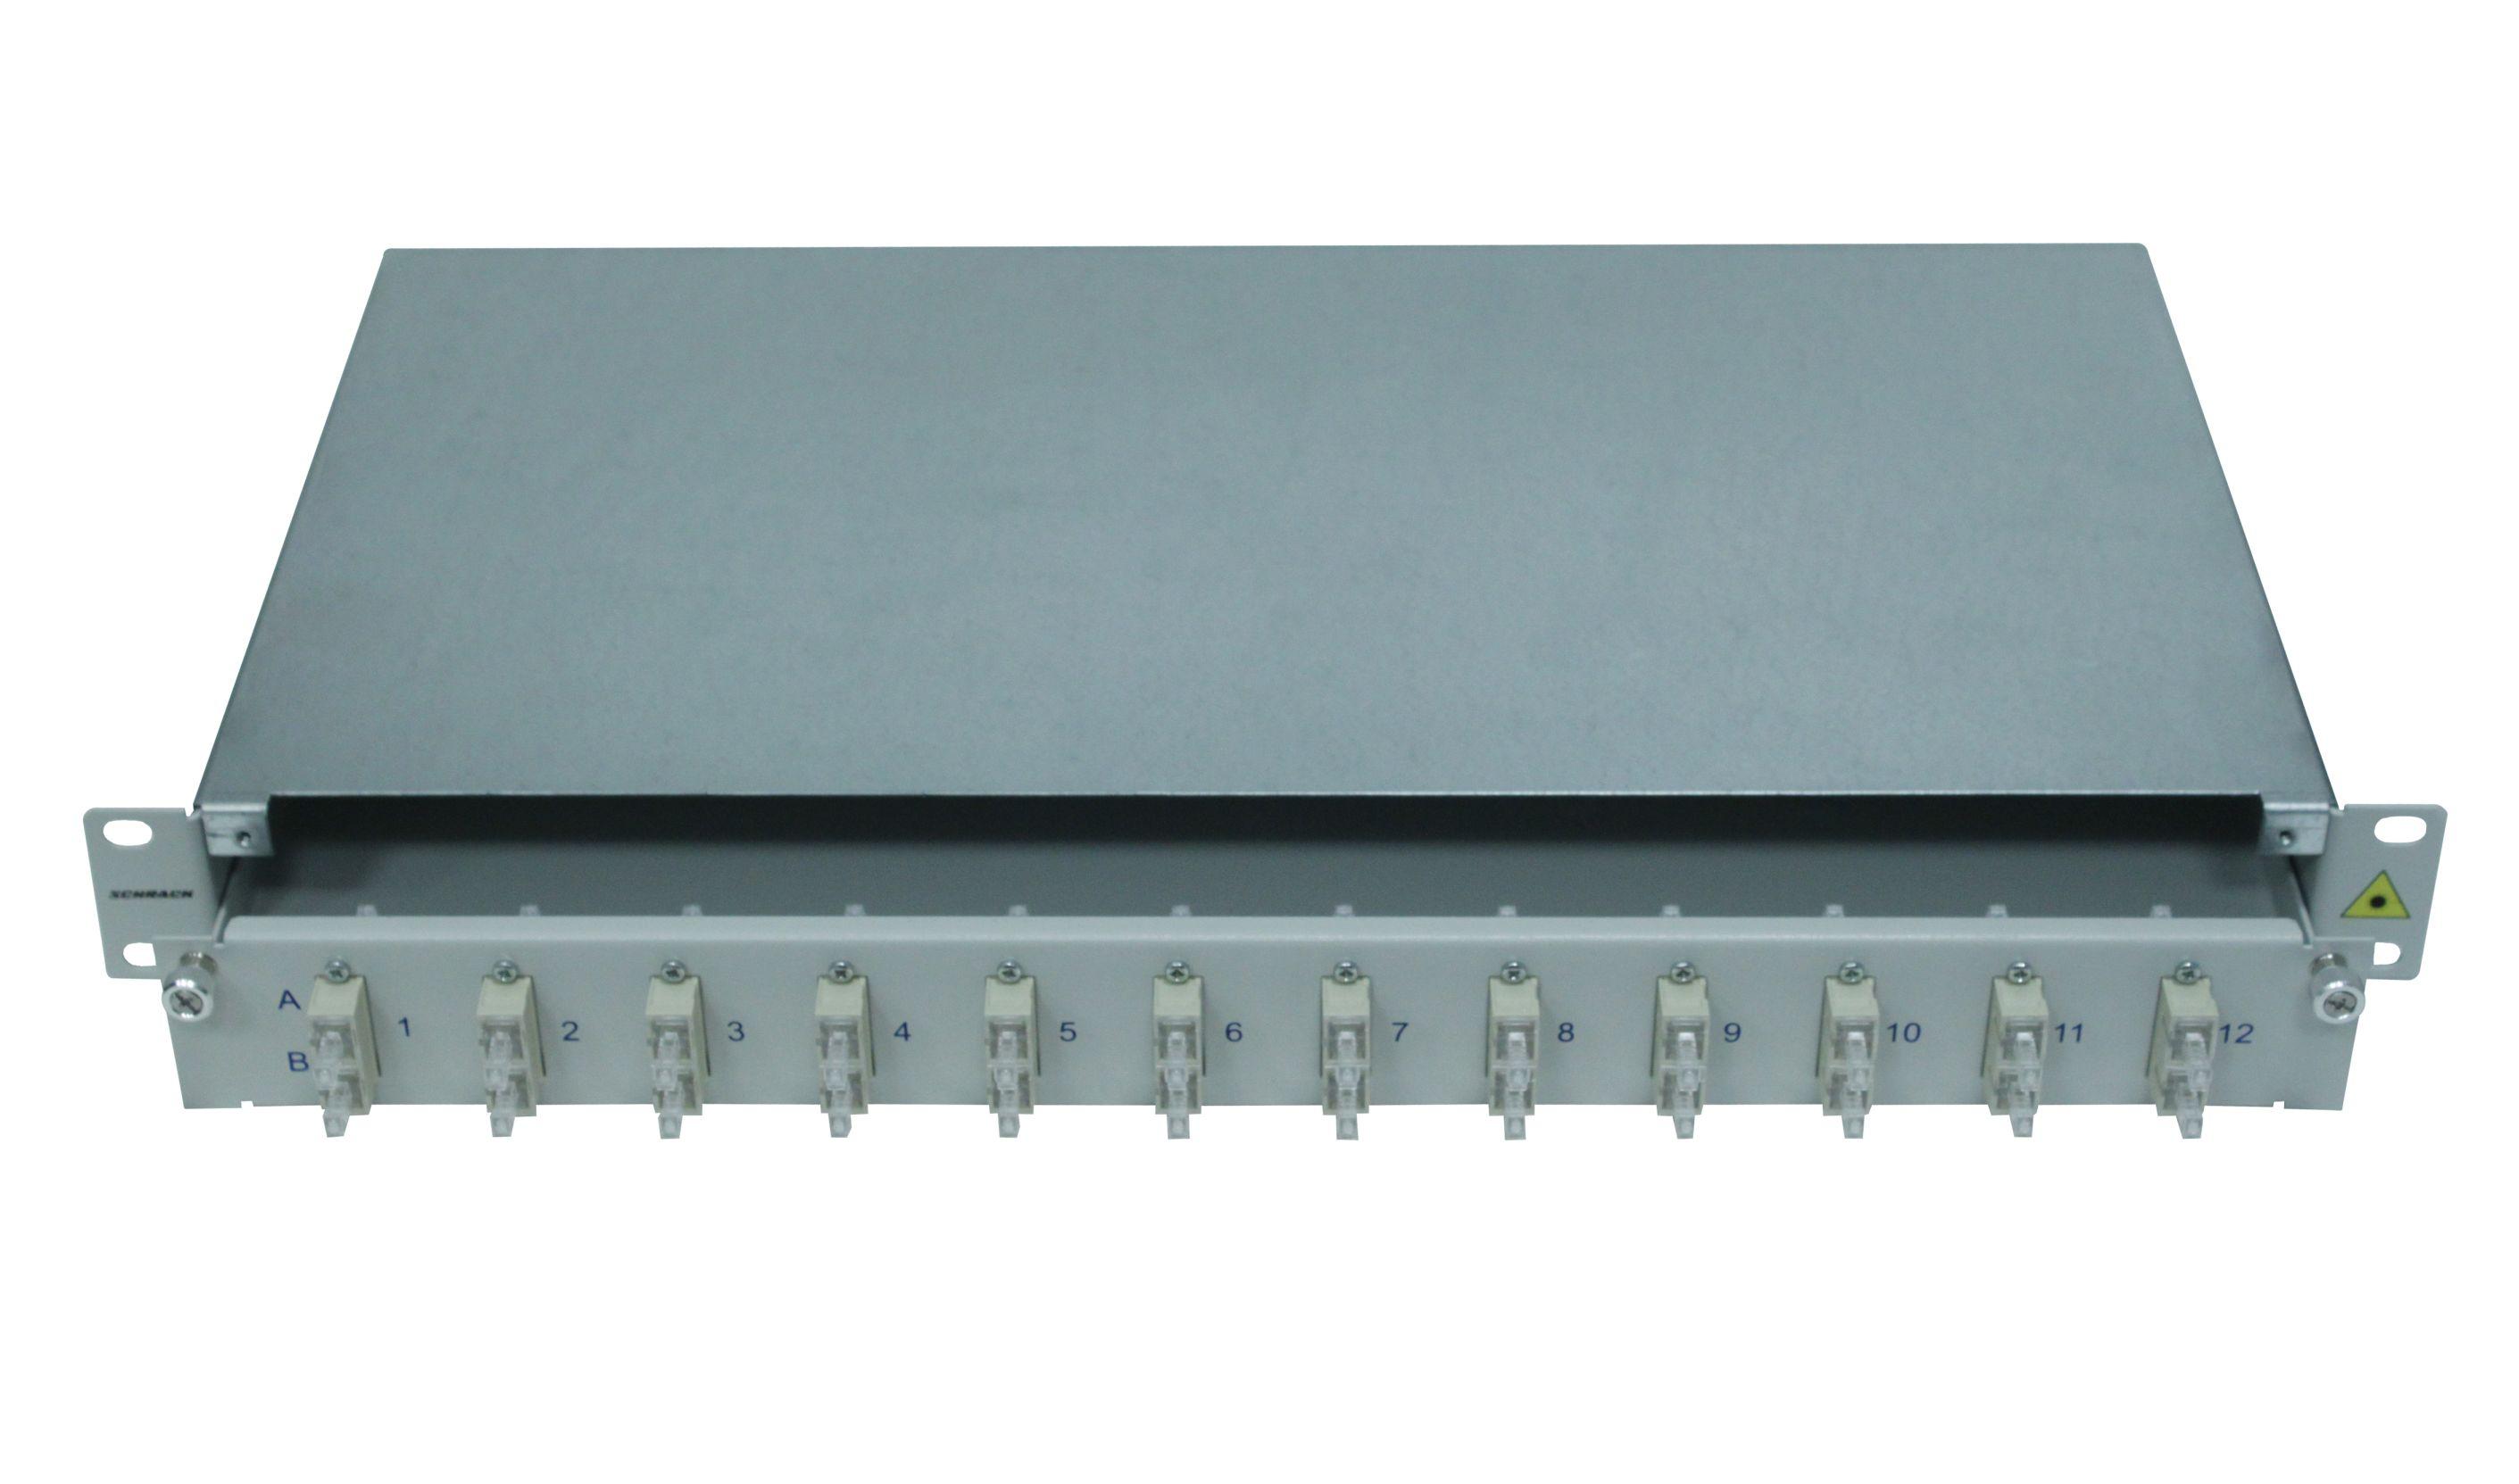 1 Stk LWL Patchpanel 19, 1 HE, ausziehbar, für 16 Fasern, SC, MM HSELS16MCG